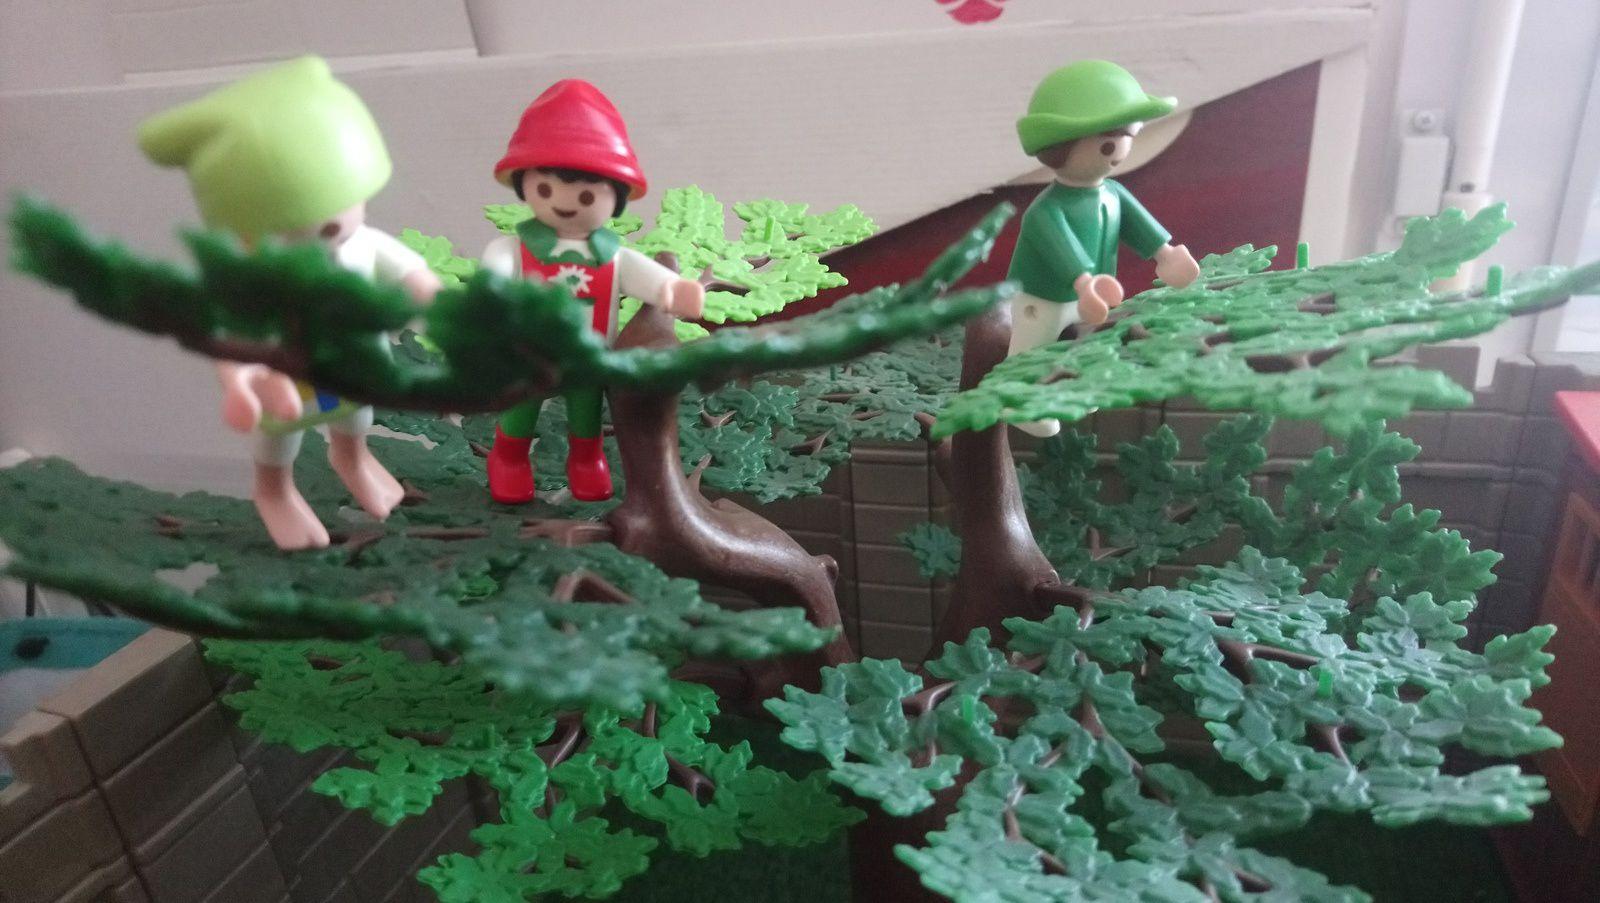 Le garnement aux pommes et ses amis se sont hissés dans un arbre pour jeter un coup d'œil sur ce qui se passe derrière les hauts murs de la maladrerie